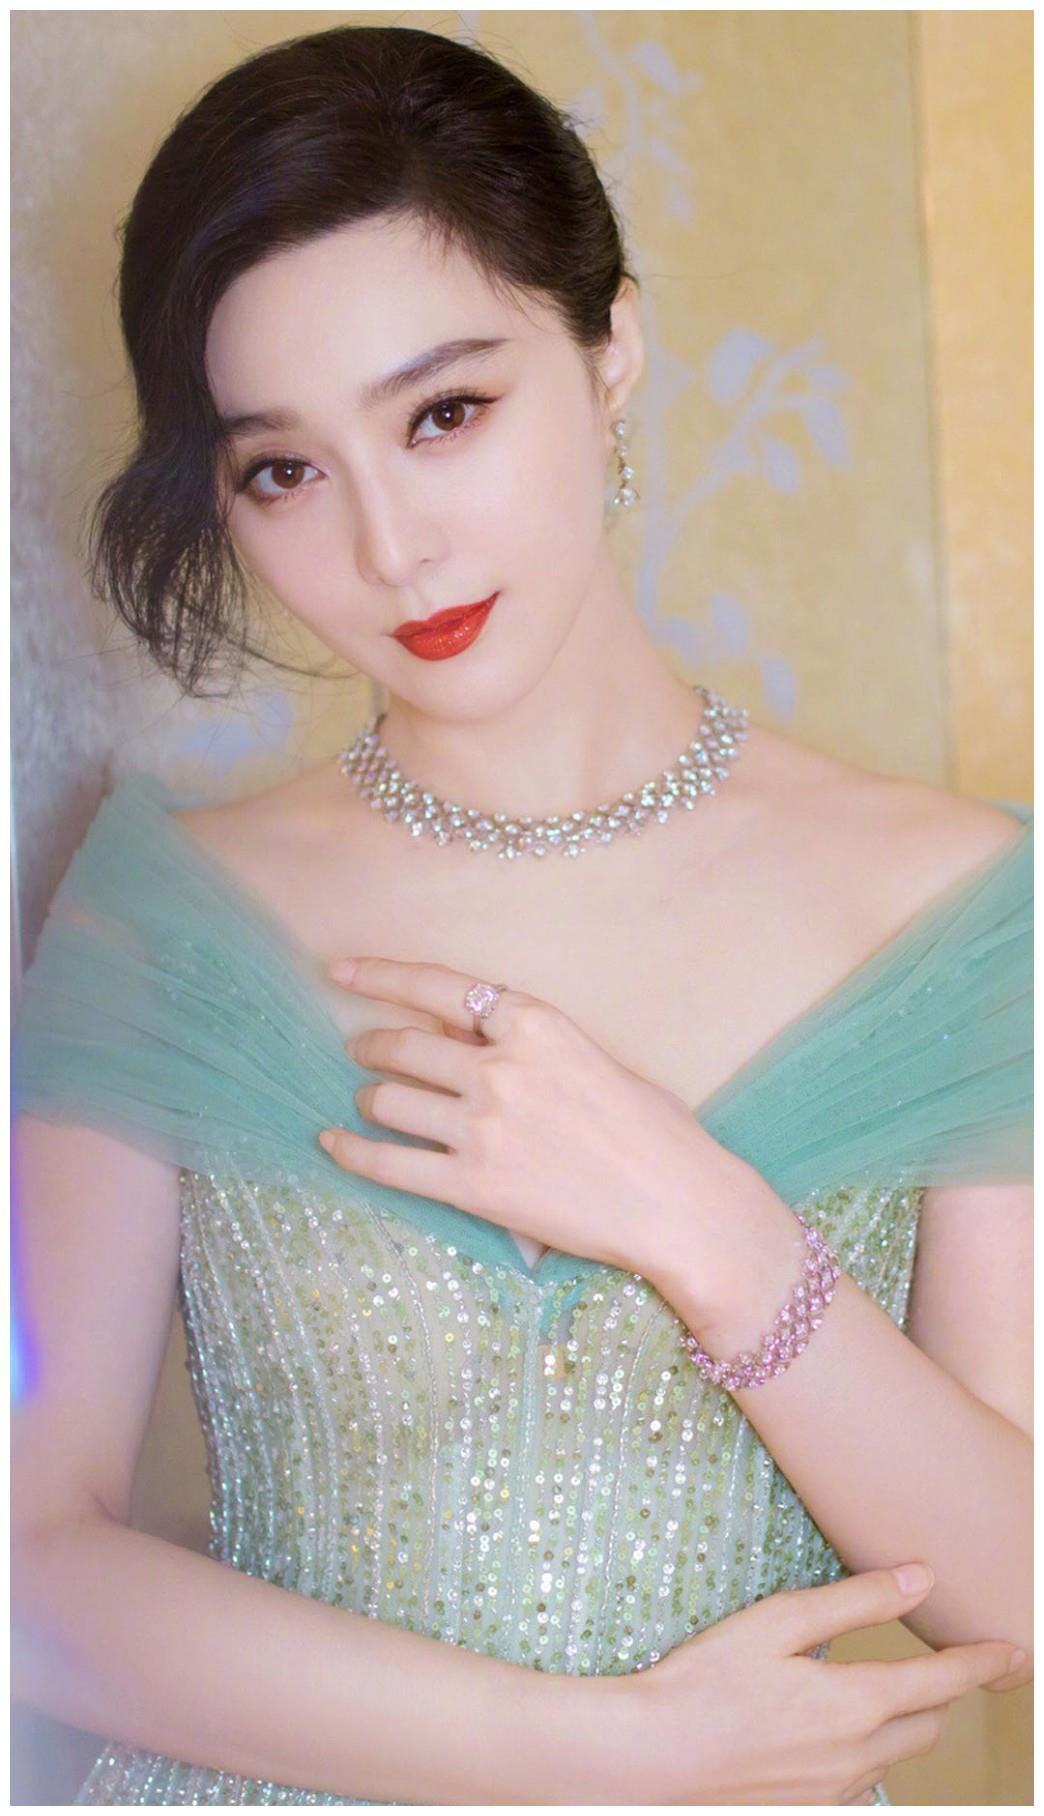 号称当今全中国最美的五大女星!个个是美女,谁是你心中最美的?